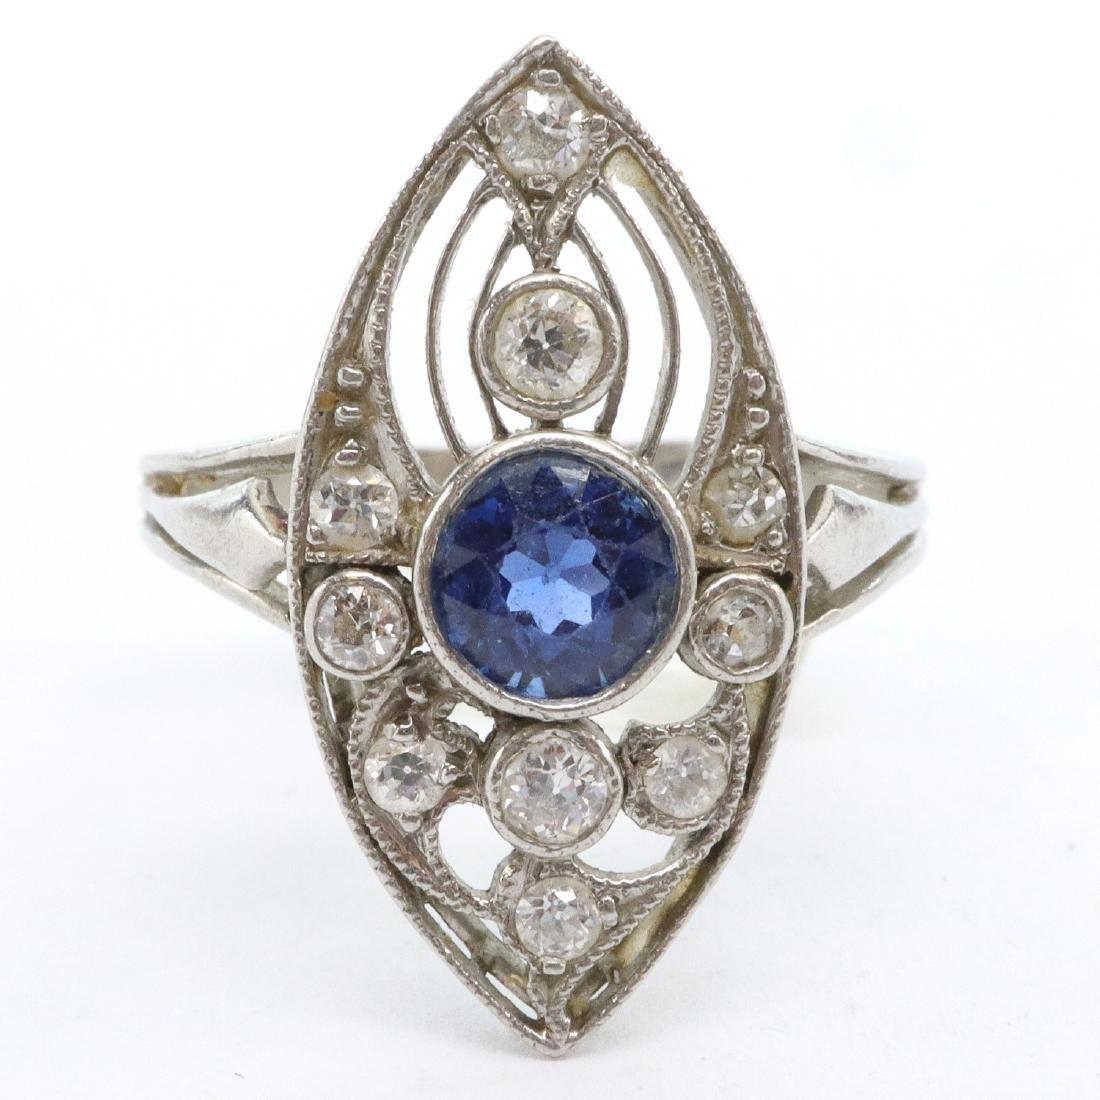 Art Deco Era Ring